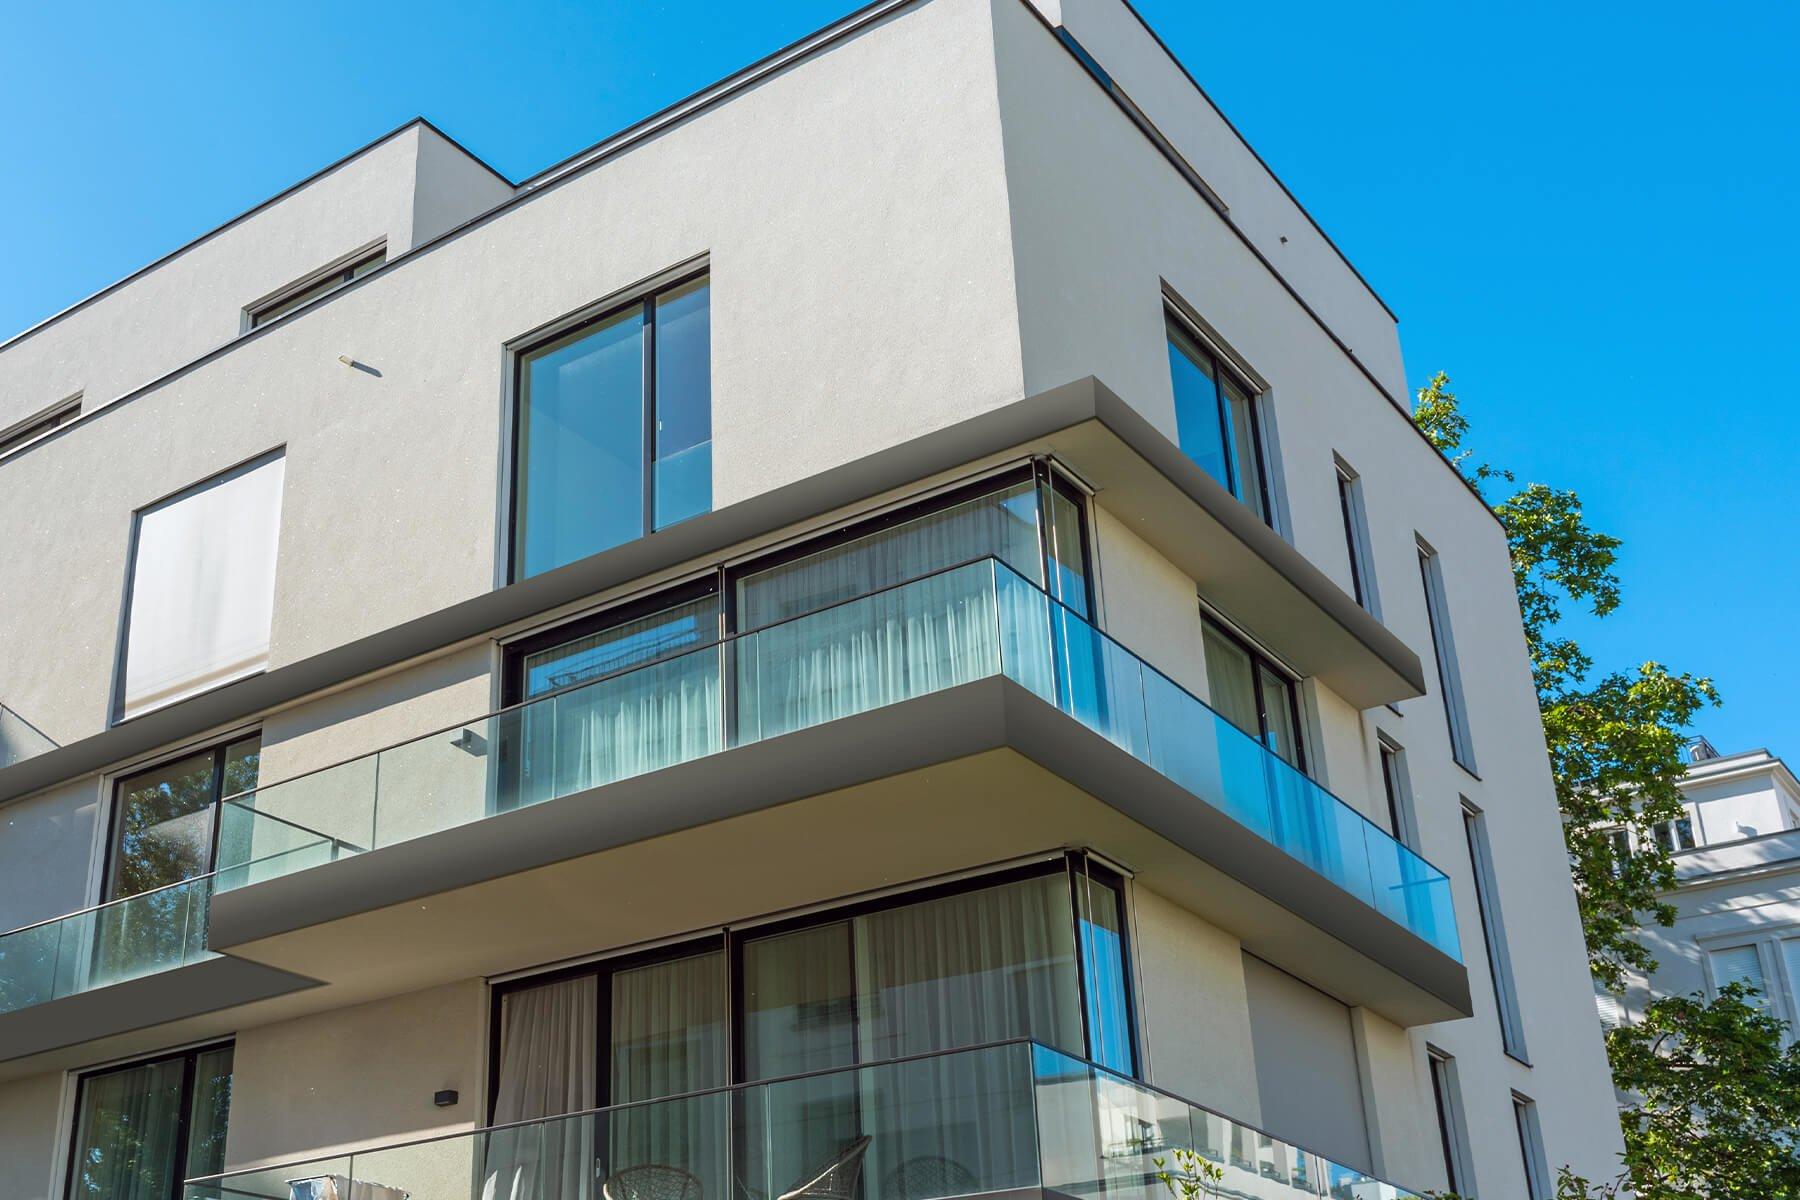 Hochwertiges Glasreling optimal fuer Mehrfamilienhauser